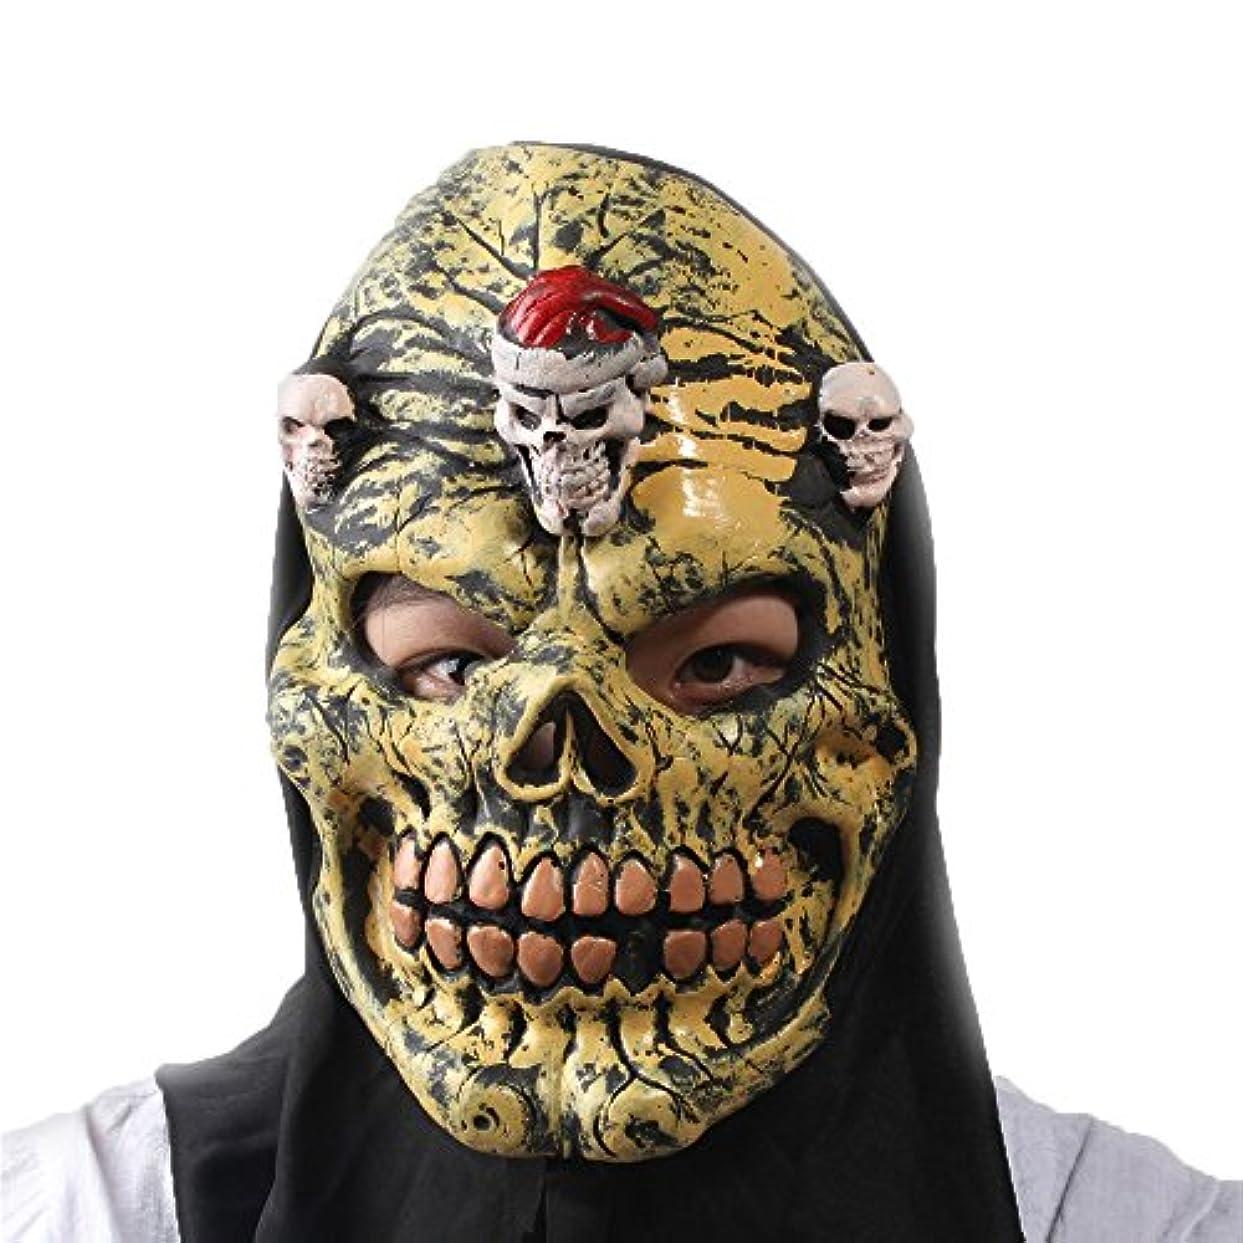 気取らない豊富付添人ハロウィンホラーウィッチマスク呪いゴーストマスク/太郎マスク/ブルネットゾンビマスク